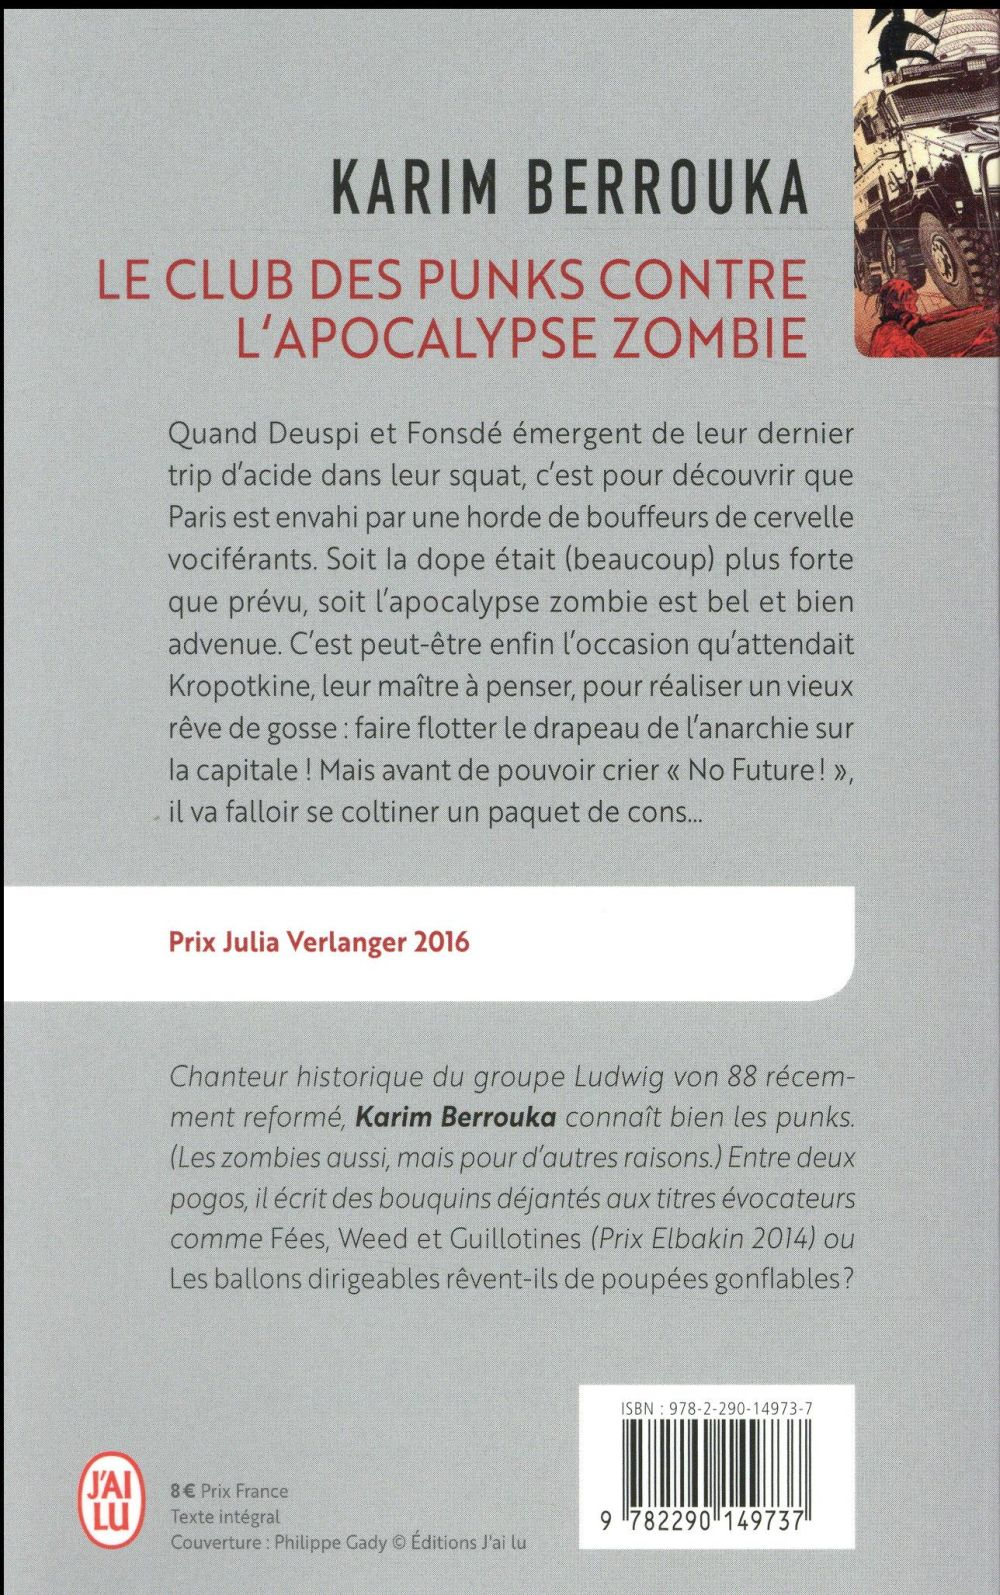 Le club des punks contre l'apocalypse zombie